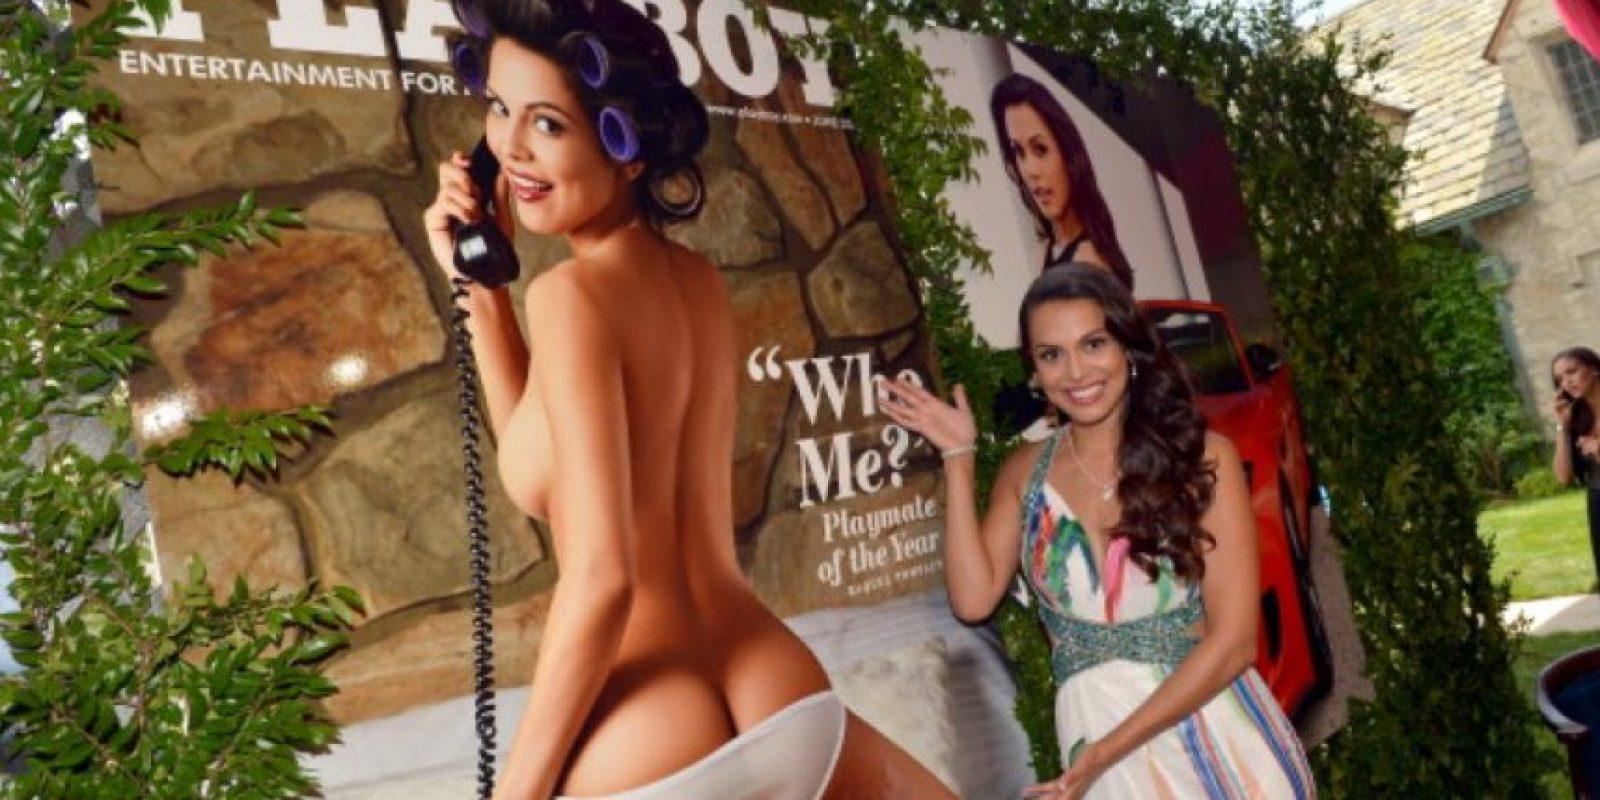 El negocio no hacía nada ante el porno por internet. Foto:vía Getty Images